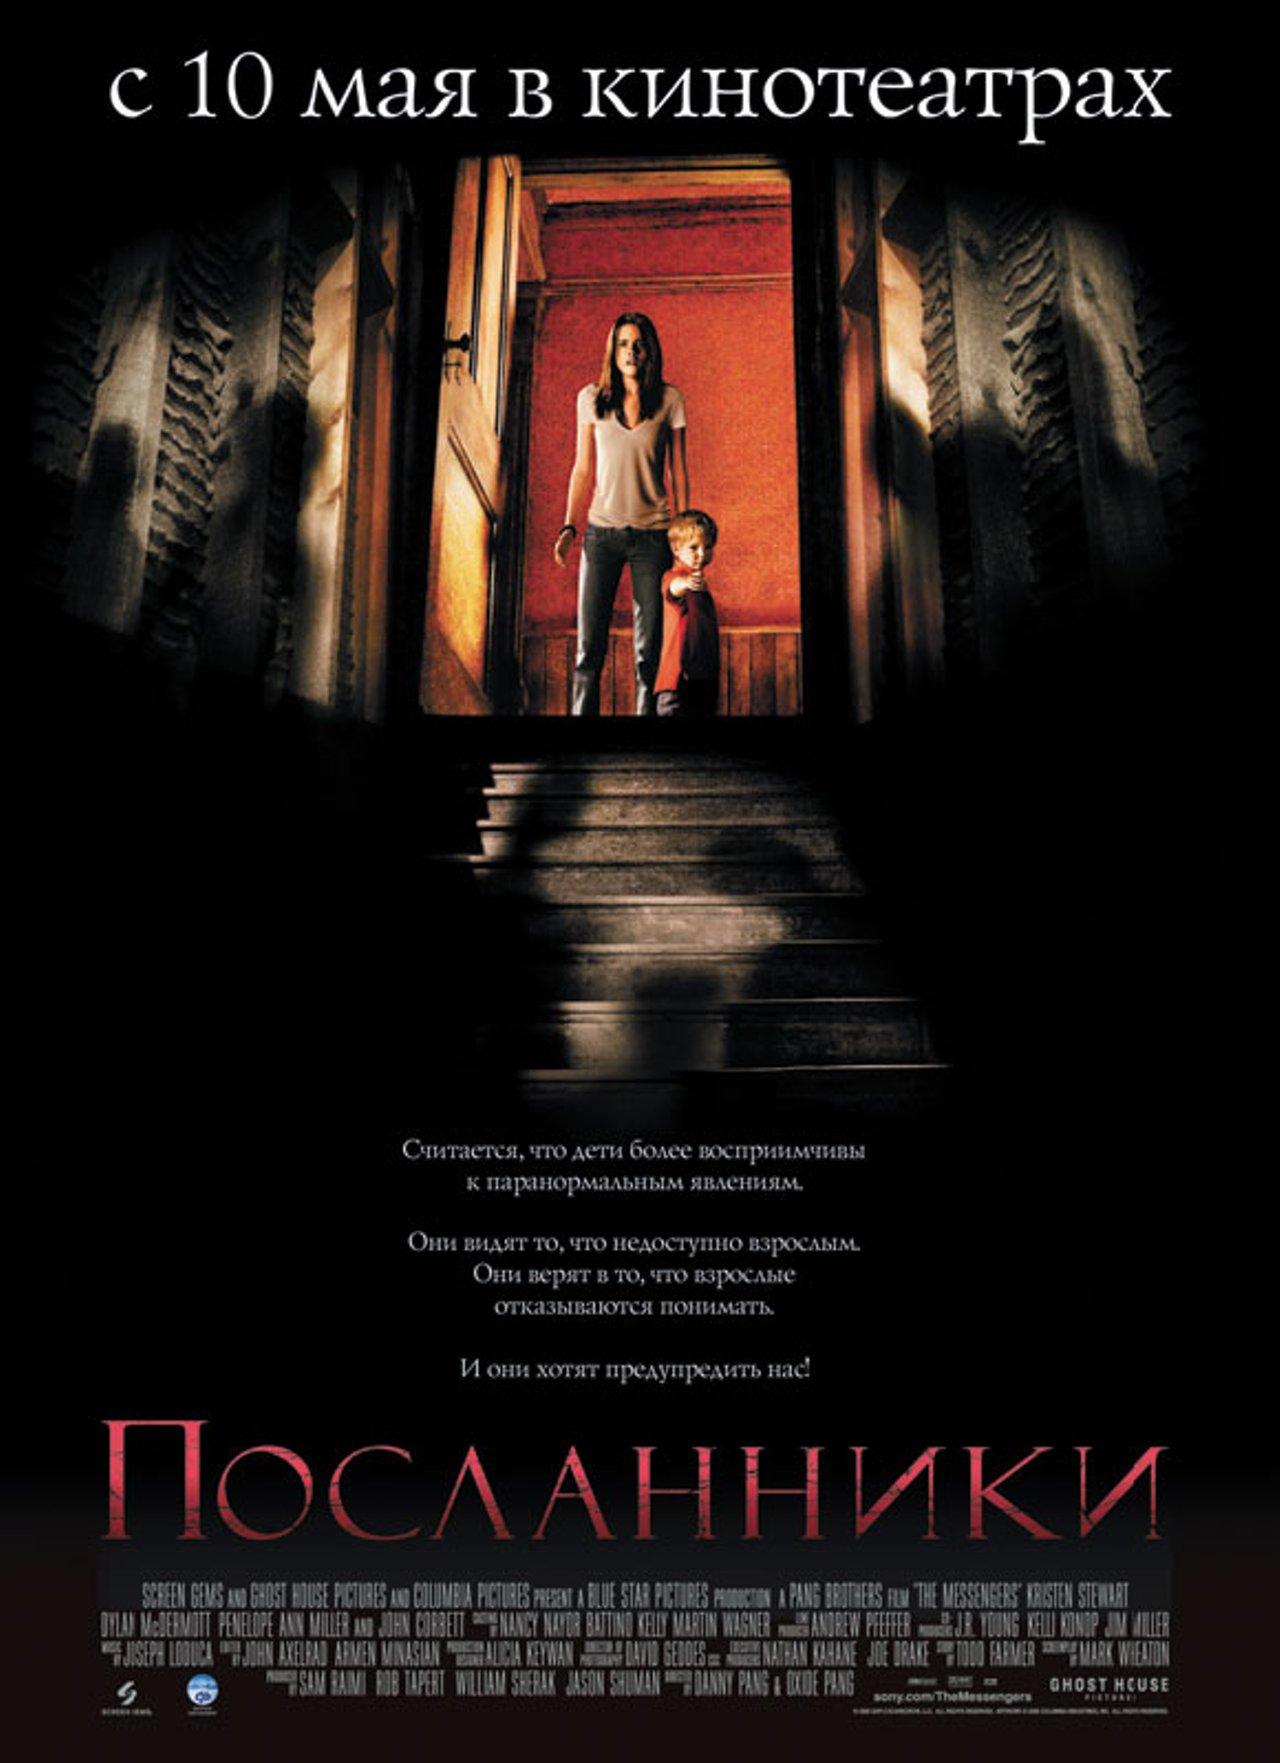 посланник фильм 2009